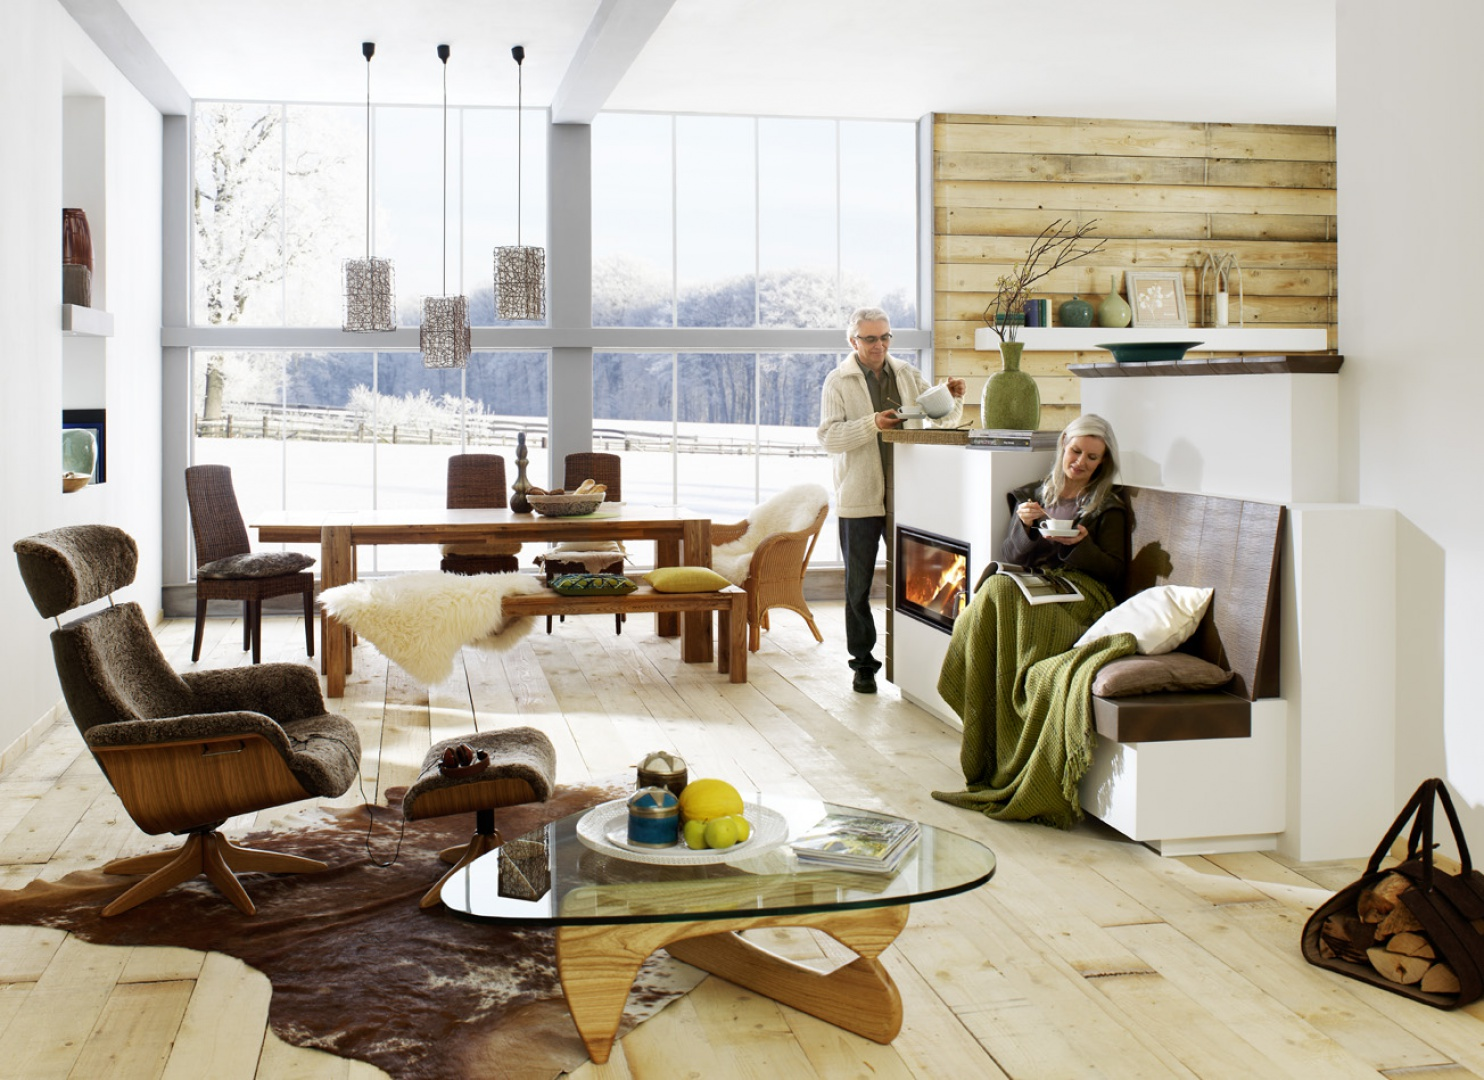 Zestawienie prostych, przemyślanych linii i kształtów oraz naturalnych kolorów, tworzy przytulne i ciepłe wnętrza. Tym, co jednak przede wszystkim odróżnia country house od swojego pierwowzoru, jest jego przejrzystość i praktyczność. Fot. Brunner.